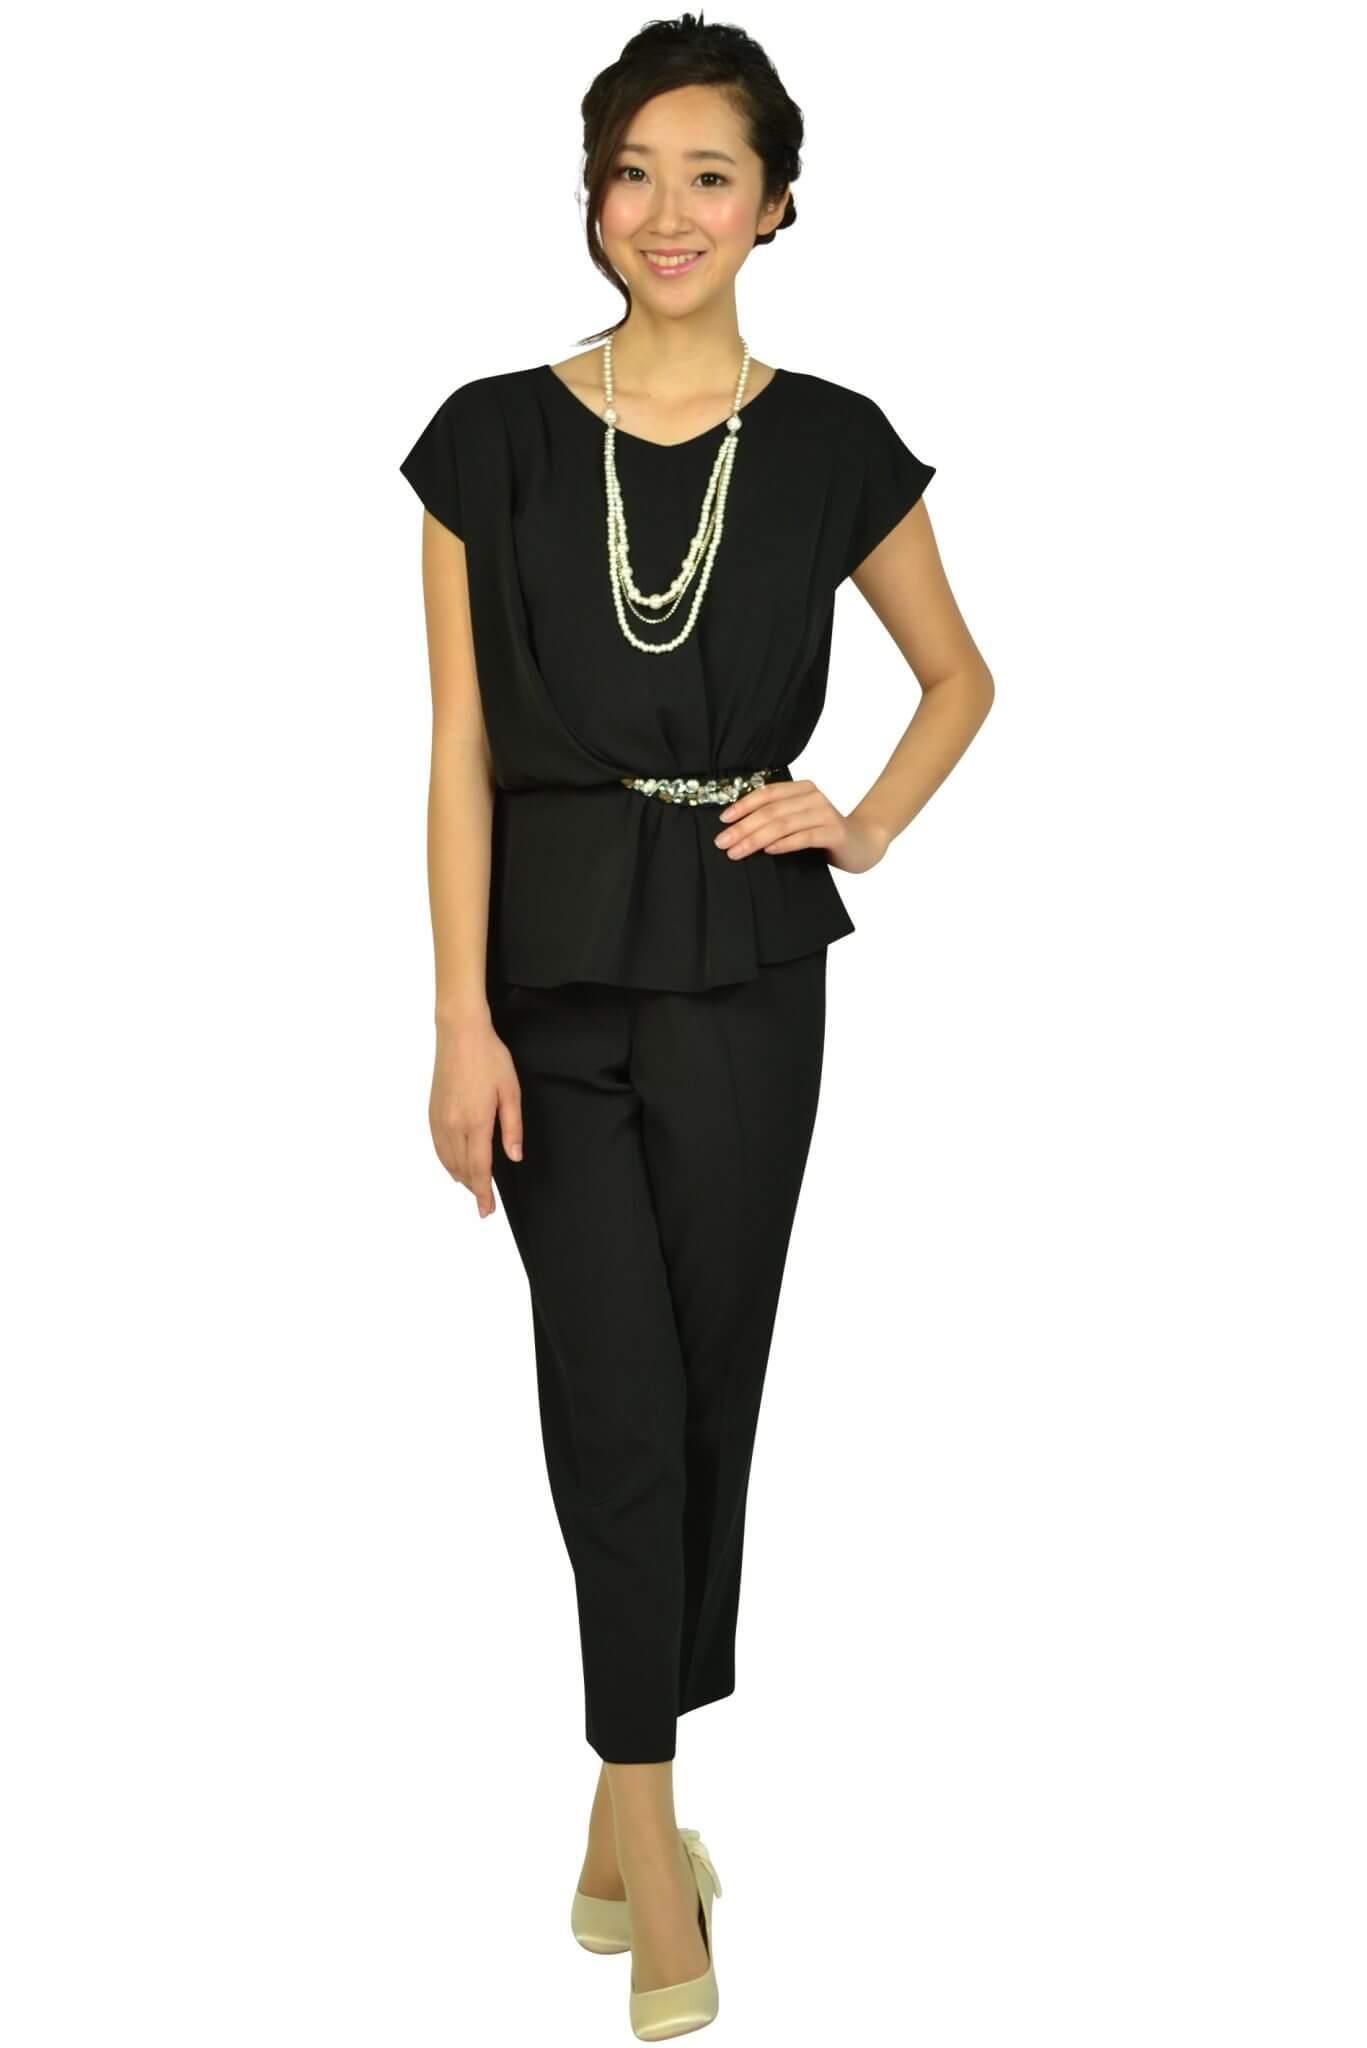 アシール(ASHILL) ビジュぺプラムブラックパンツドレス